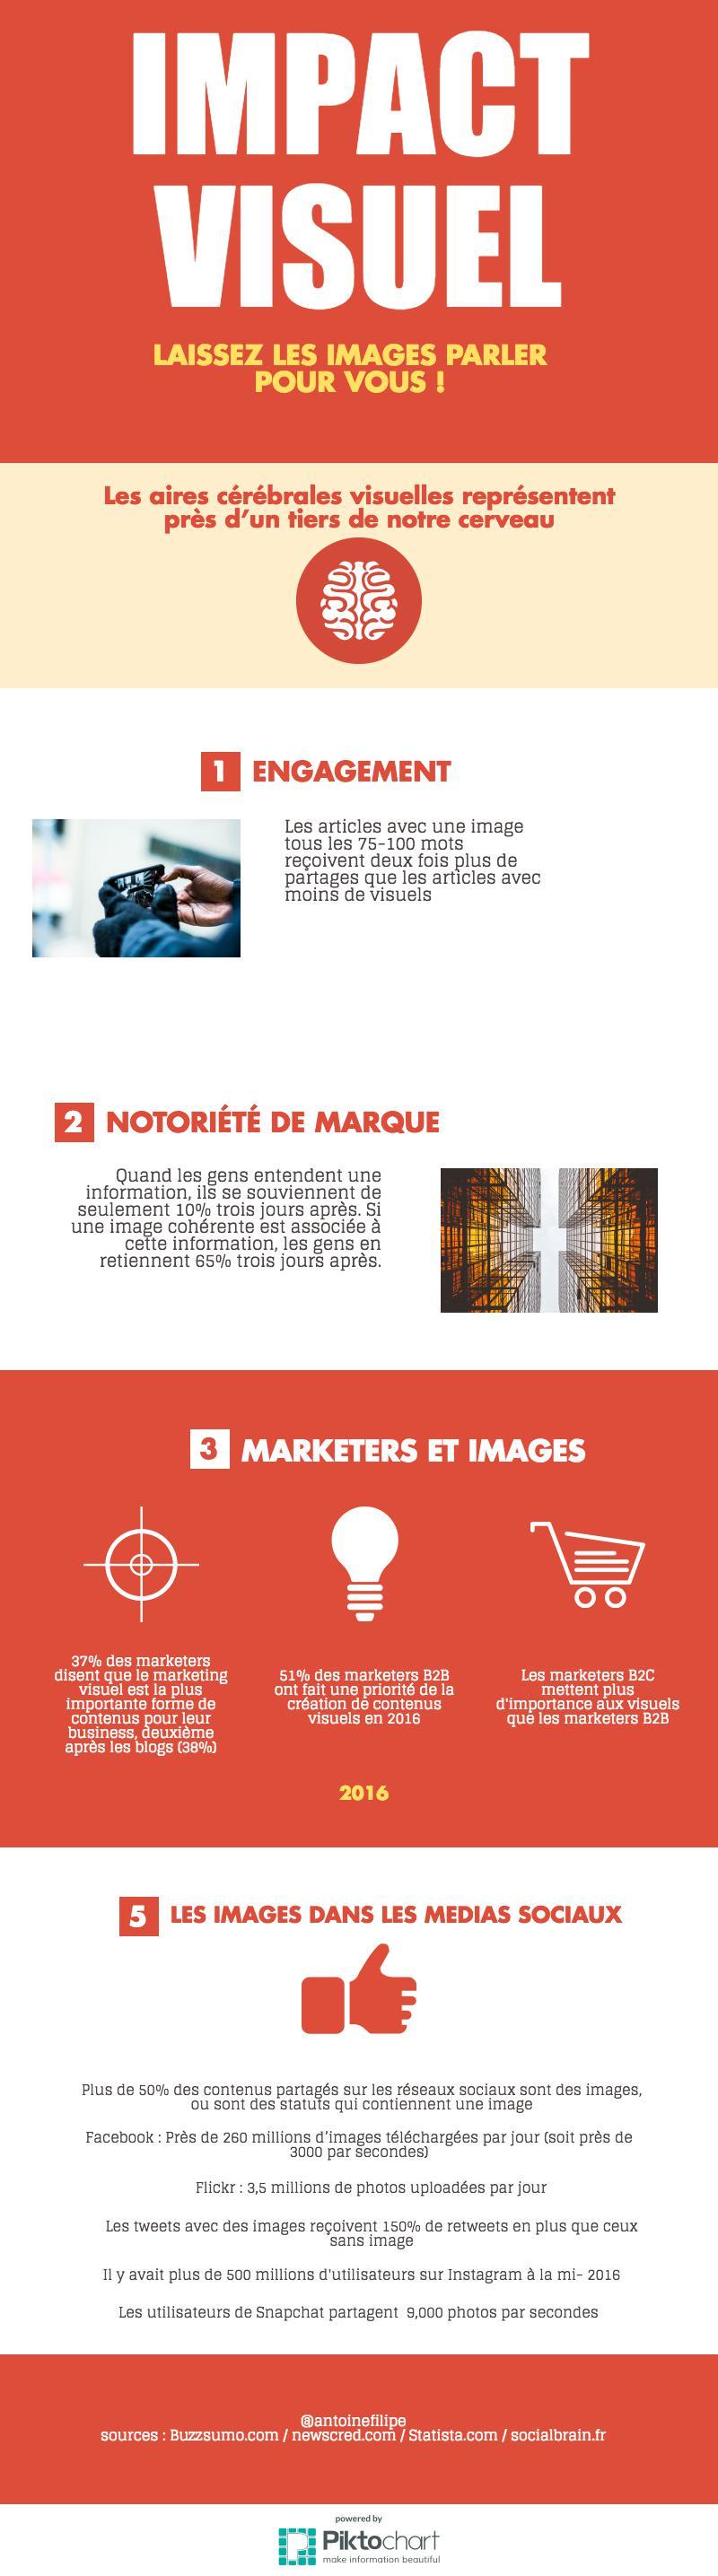 Infographie sur l'impact du visuel dans les contenus web